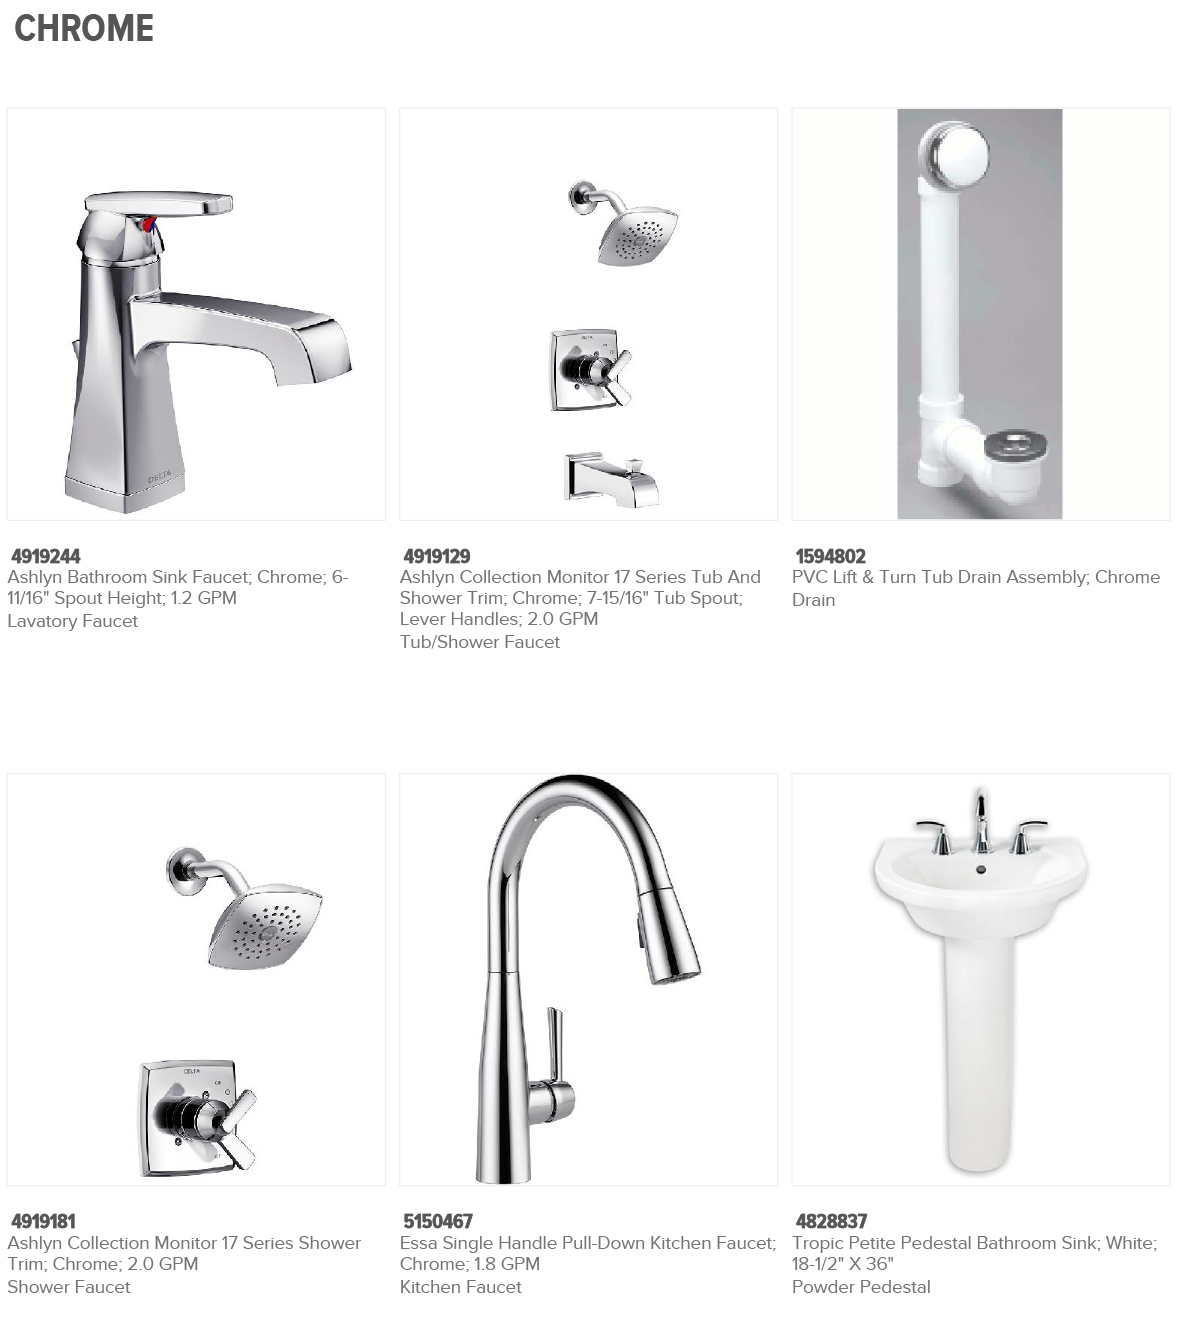 Cutshaw plumbing prov-Chrome.jpg